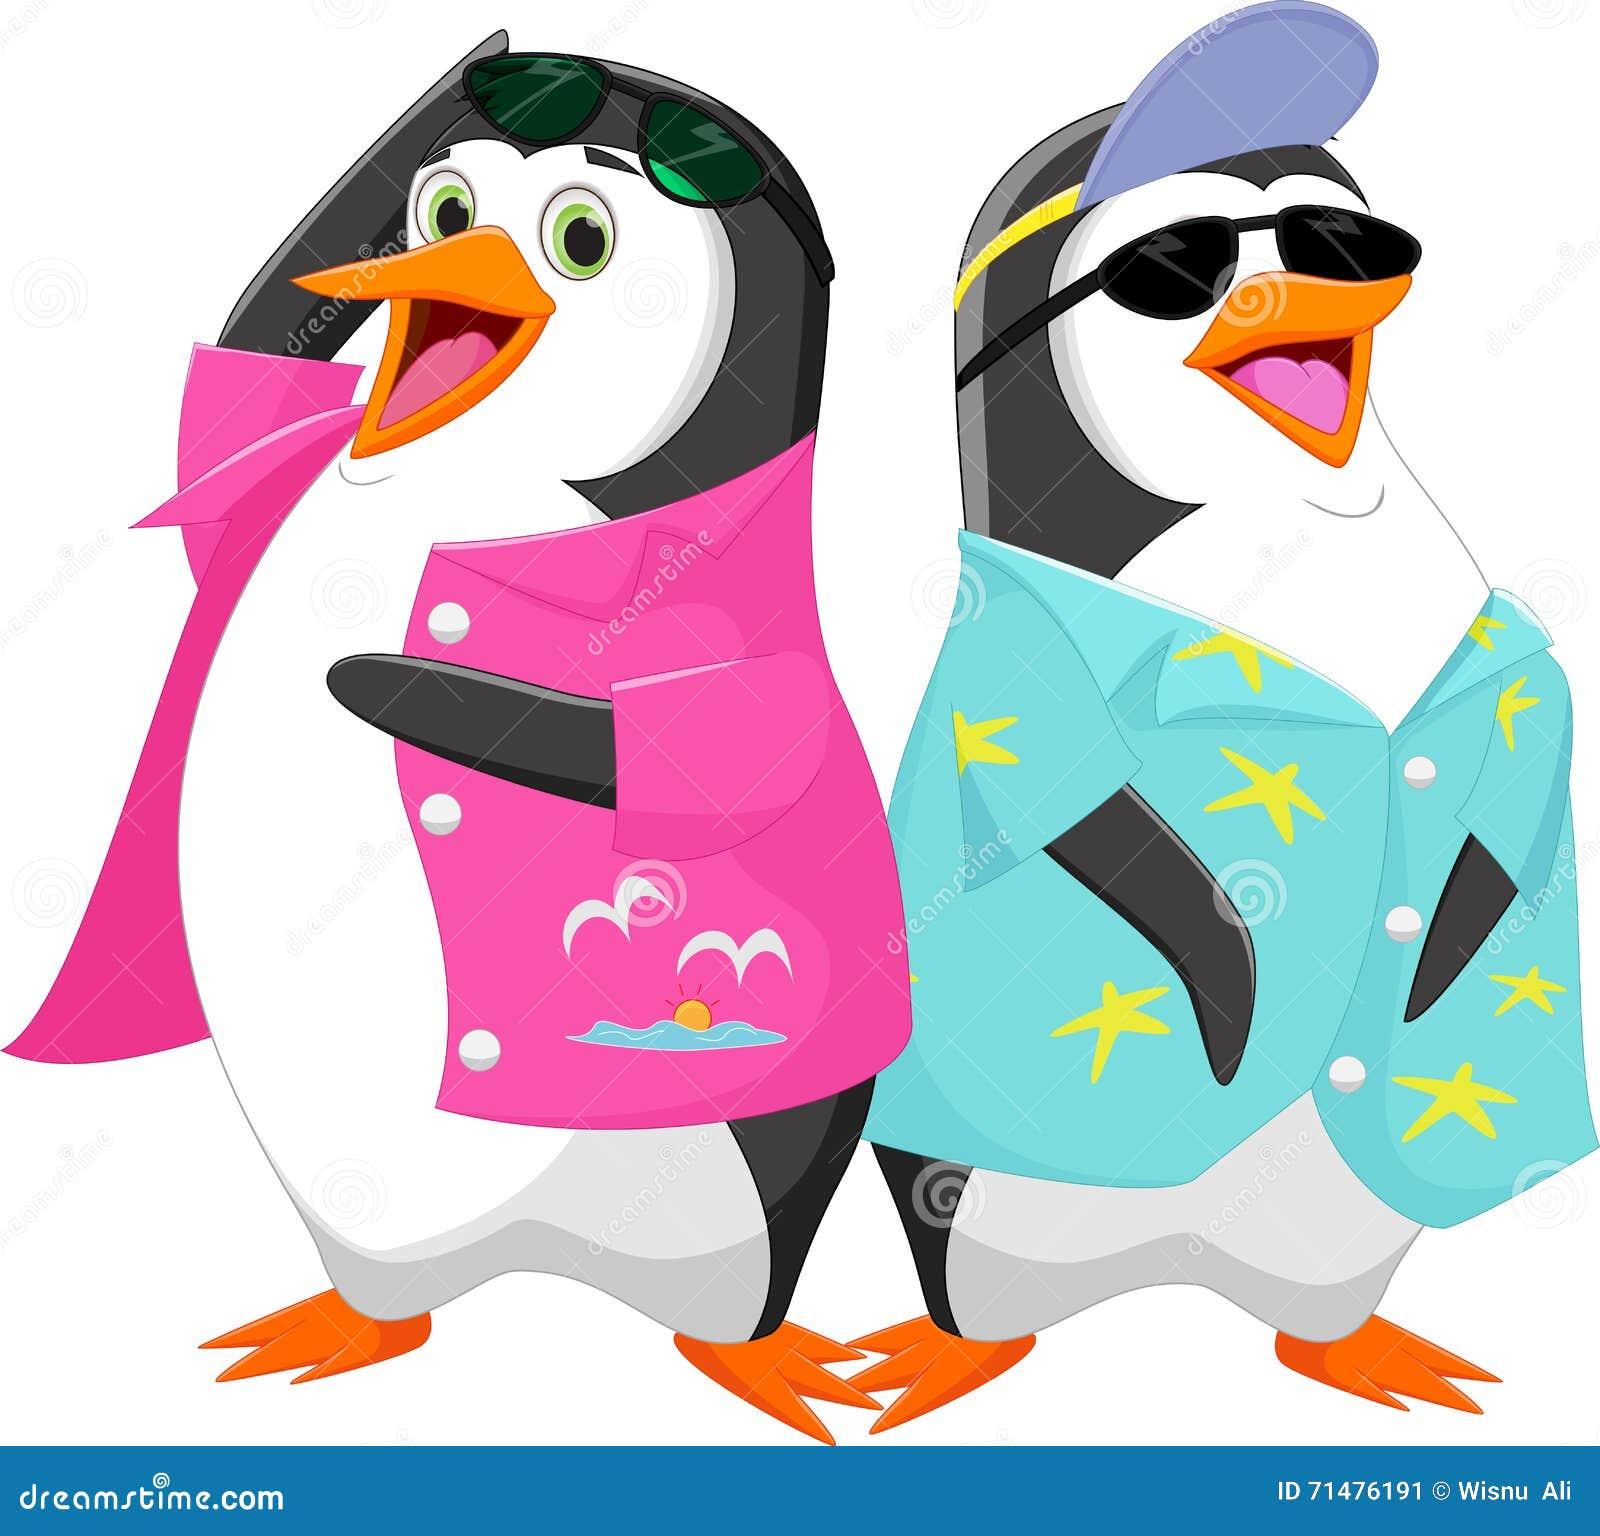 Cute Cartoon Penguin In Summer Vacation Stock Vector Illustration Of Gesturing Holiday 71476191